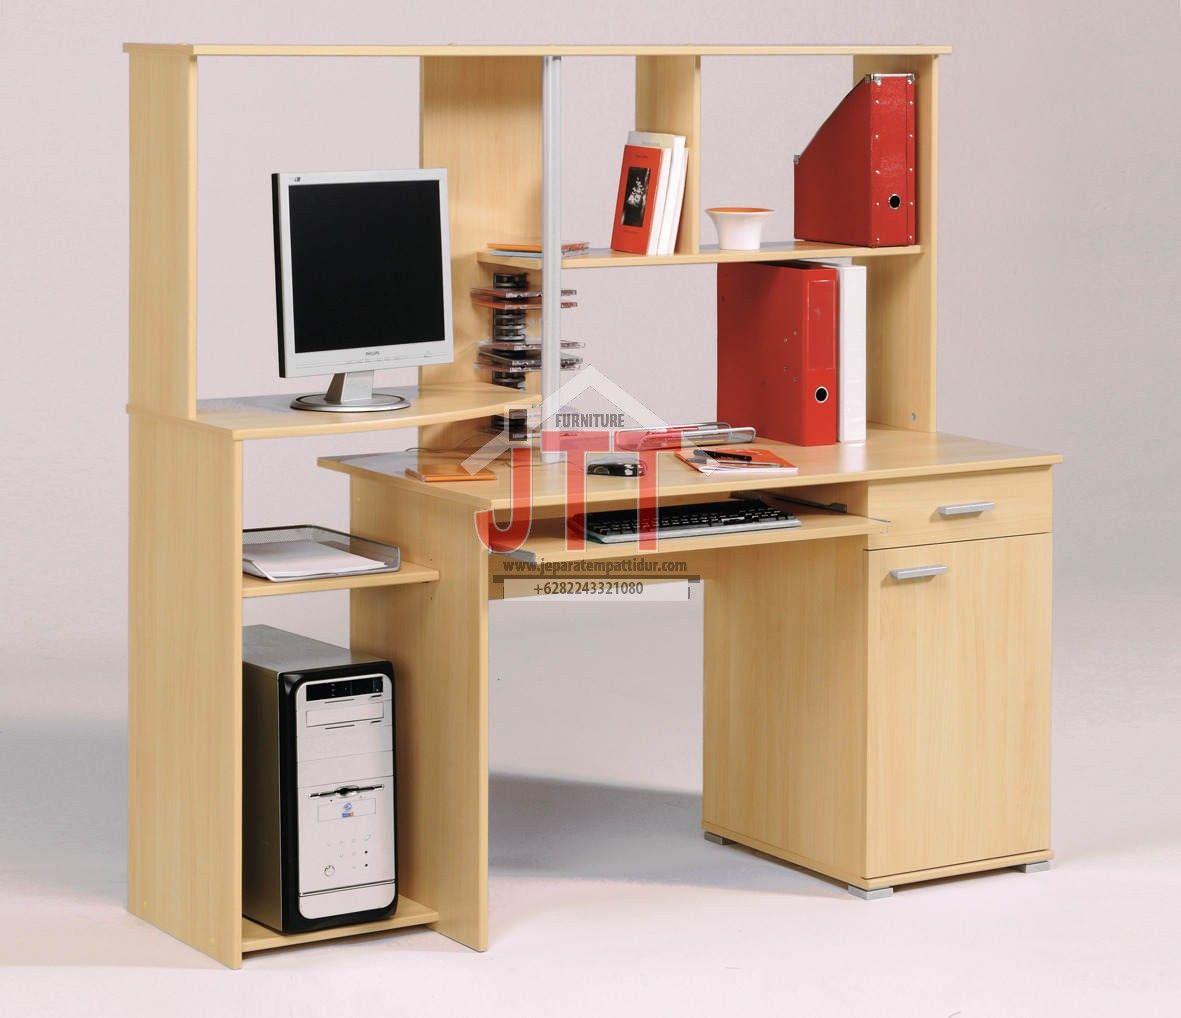 Spesifikasi Meja Belajar Minimalis Nama Produk Meja Belajar Minimalis Bahan Baku Kayu Jati Finis Mebel Desain Rumah Modern Perabotan Kantor